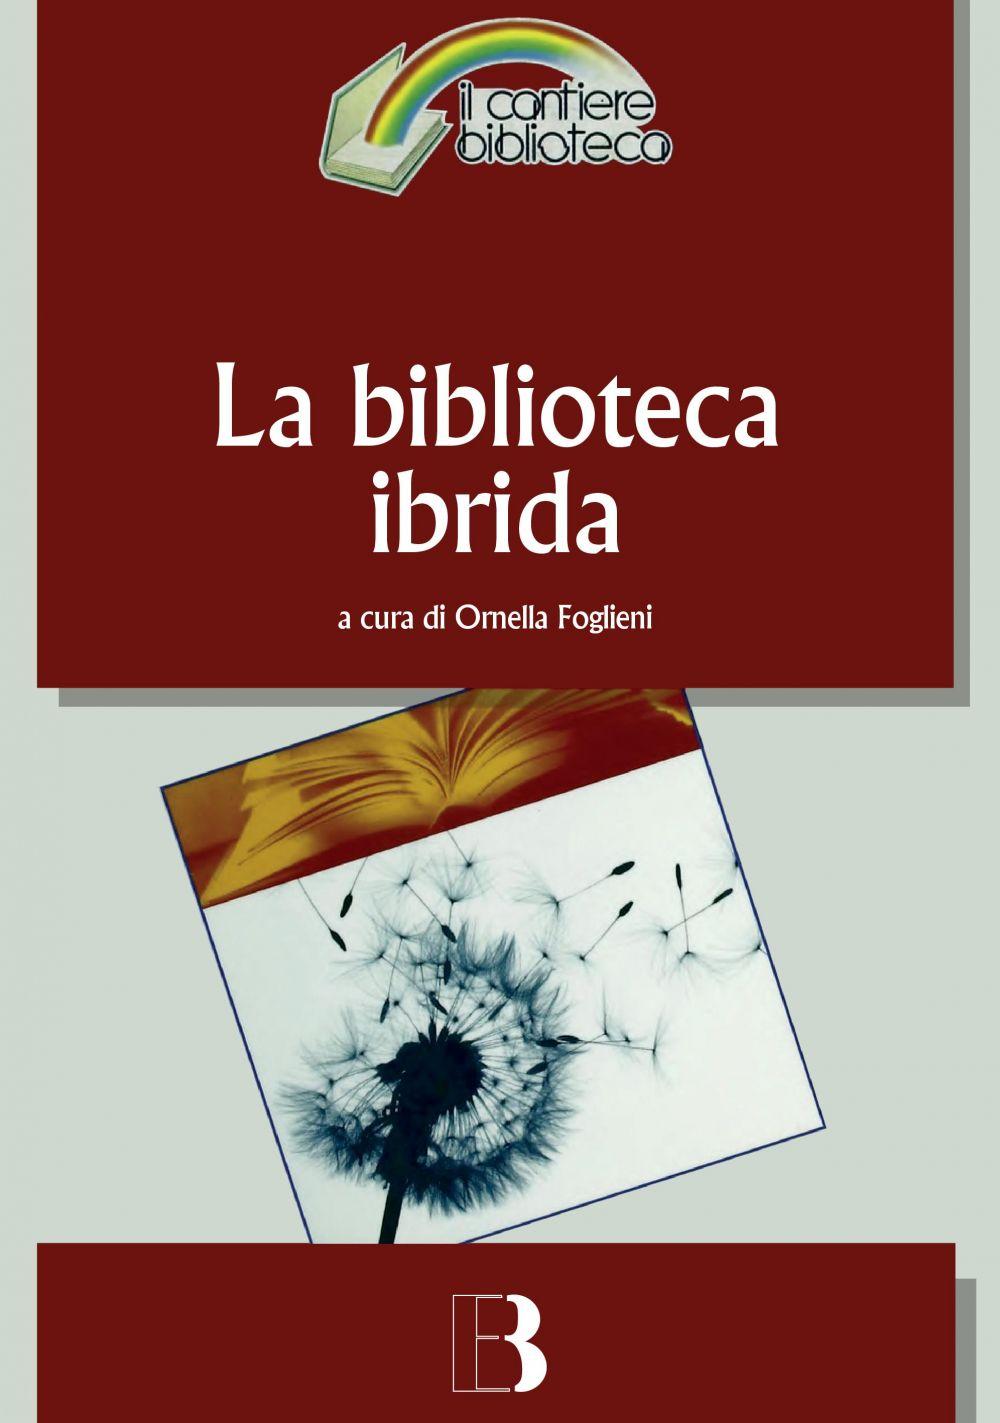 La biblioteca ibrida